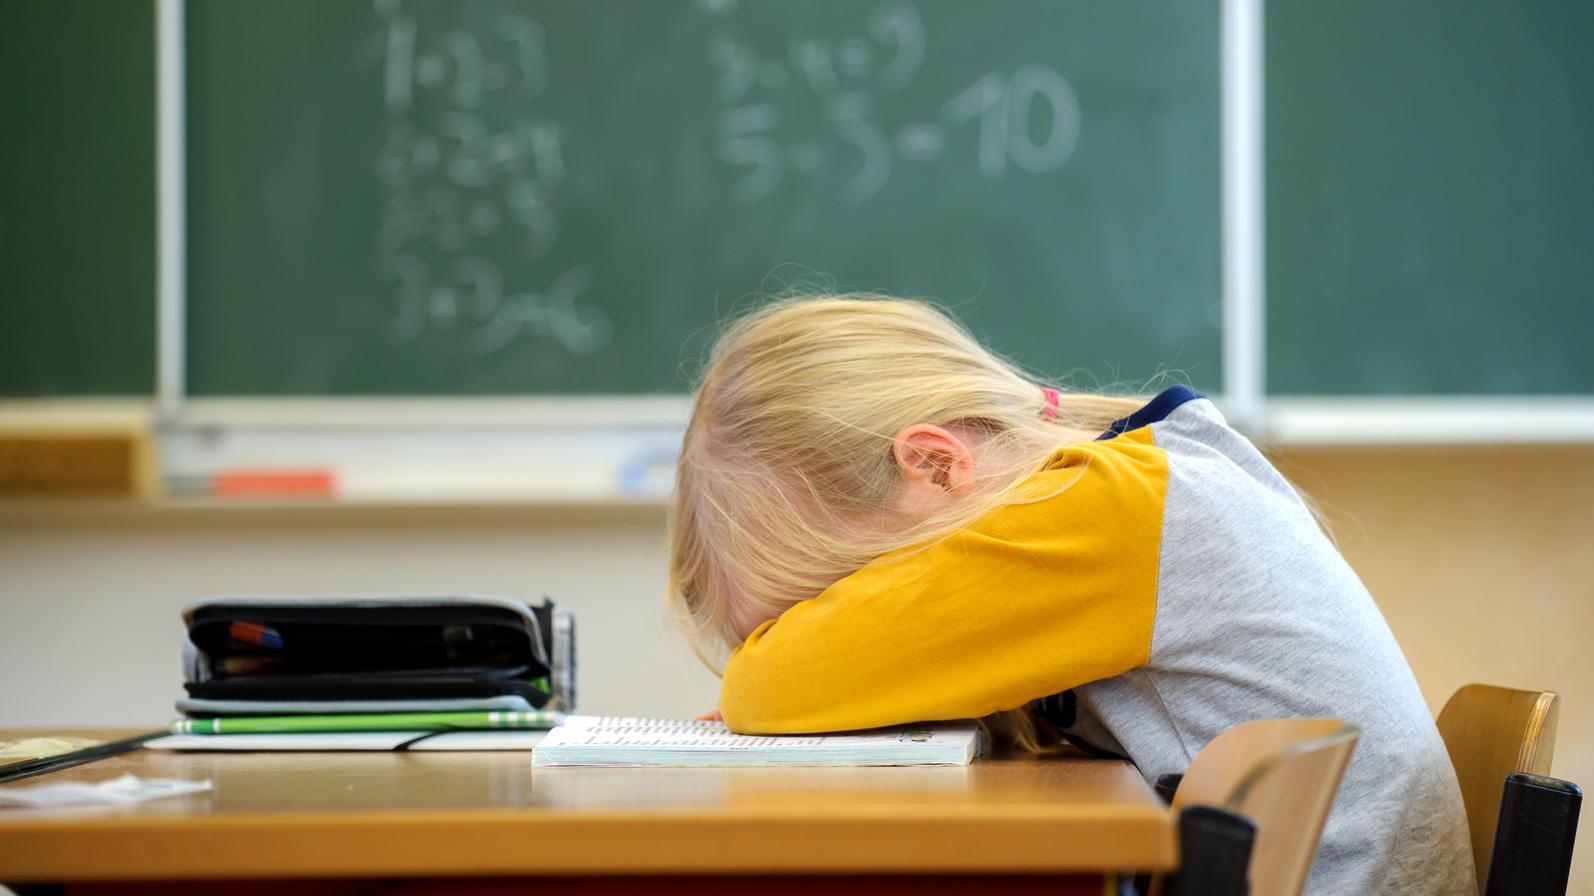 Der Inzidenzwert für Schulschließungen soll herabgesetzt werden (Symbolbild)